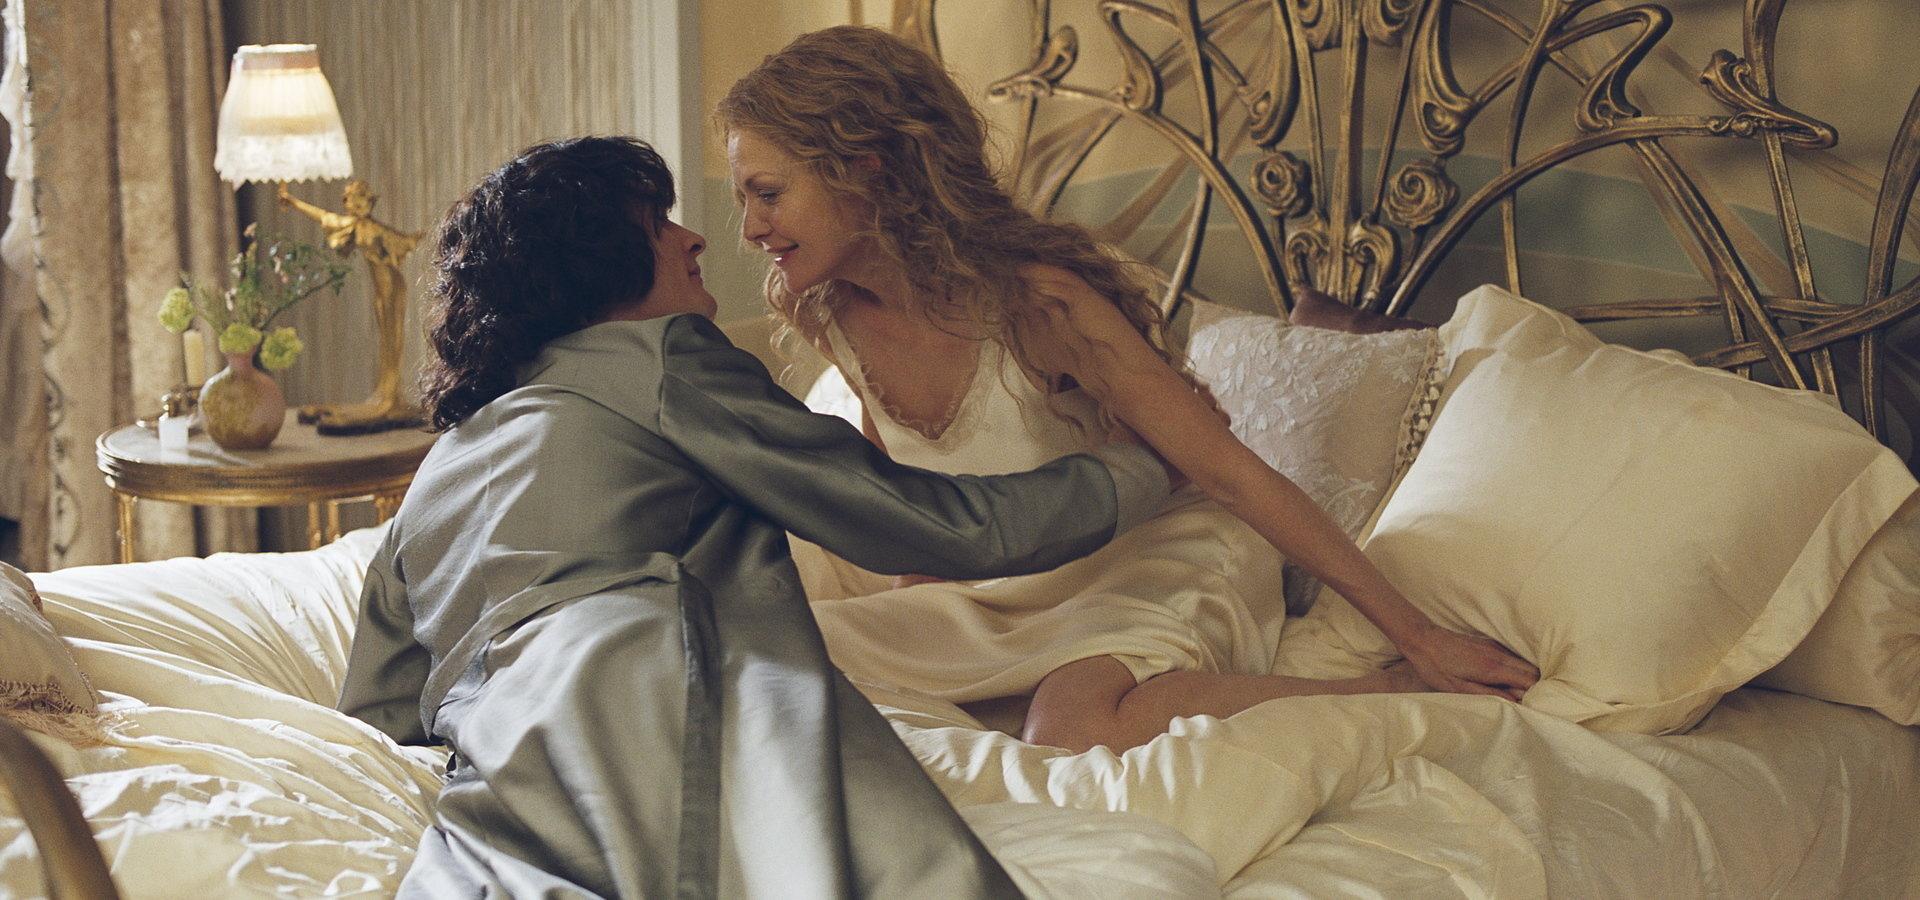 """Seks, zdrada, rutyna, fascynacja. """"Kino Mówi: Romans"""" tylko w Ale kino+"""